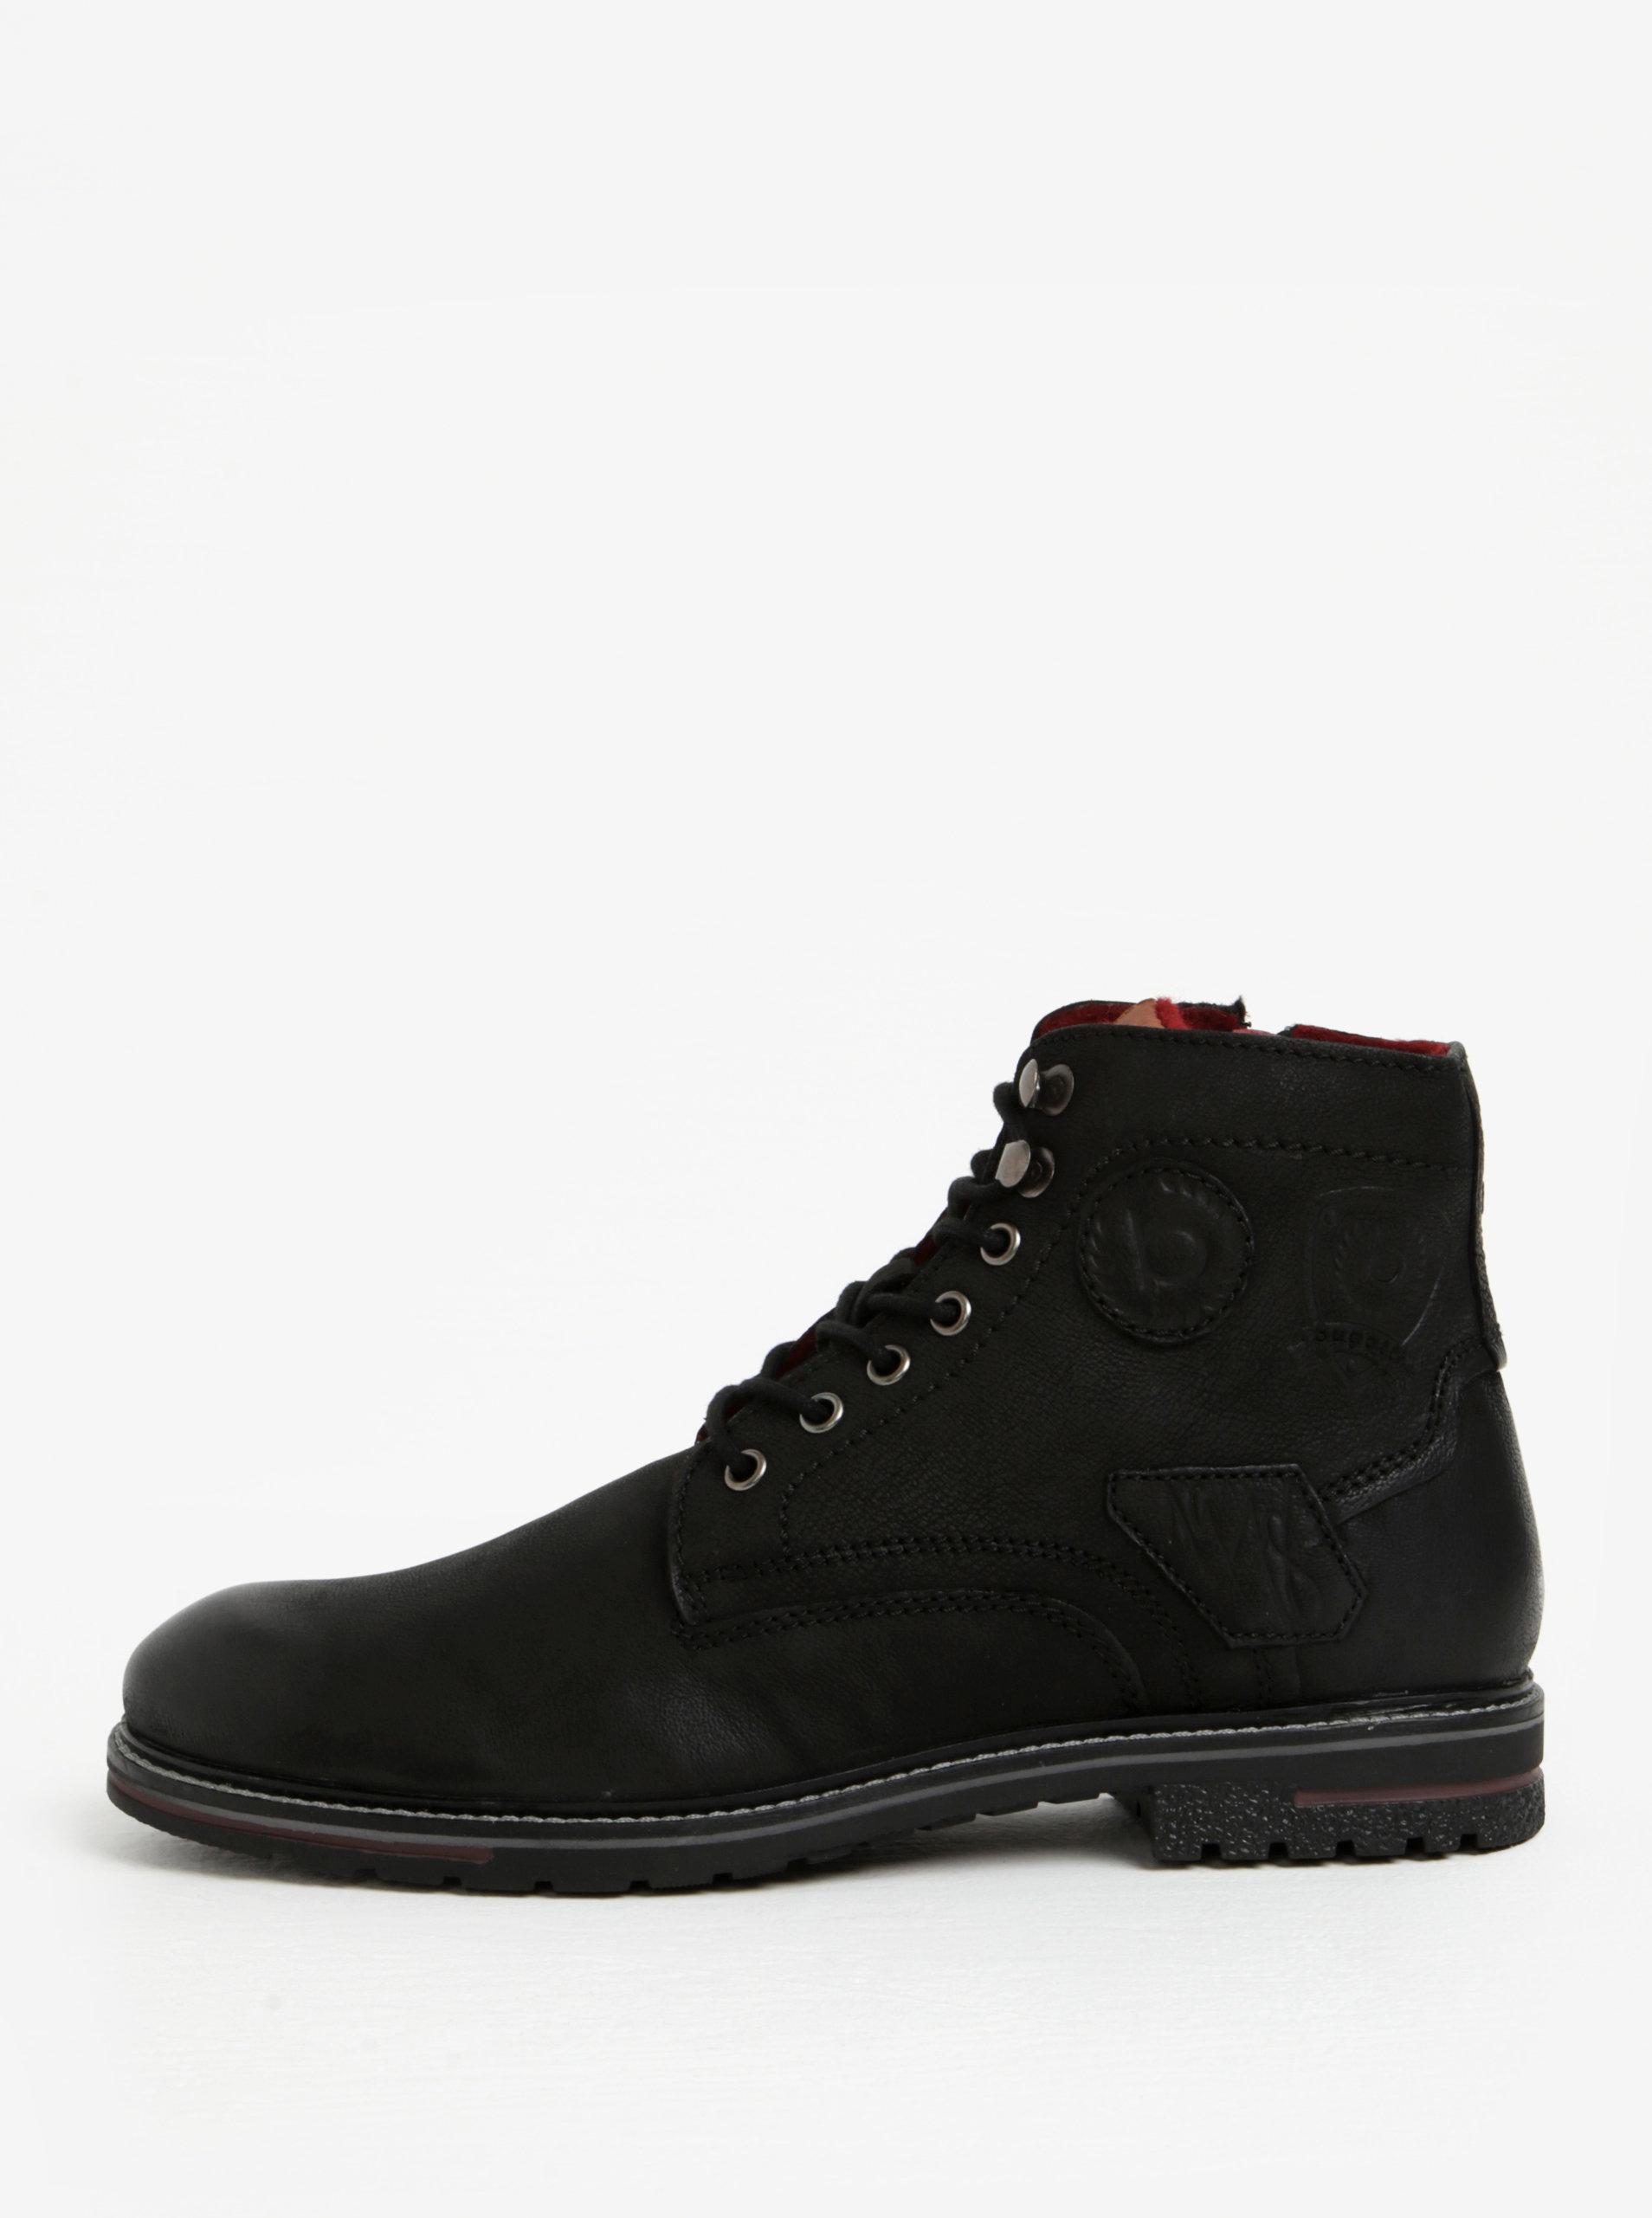 6eb690c3475 Černé pánské kožené kotníkové zimní boty bugatti Ringo ...